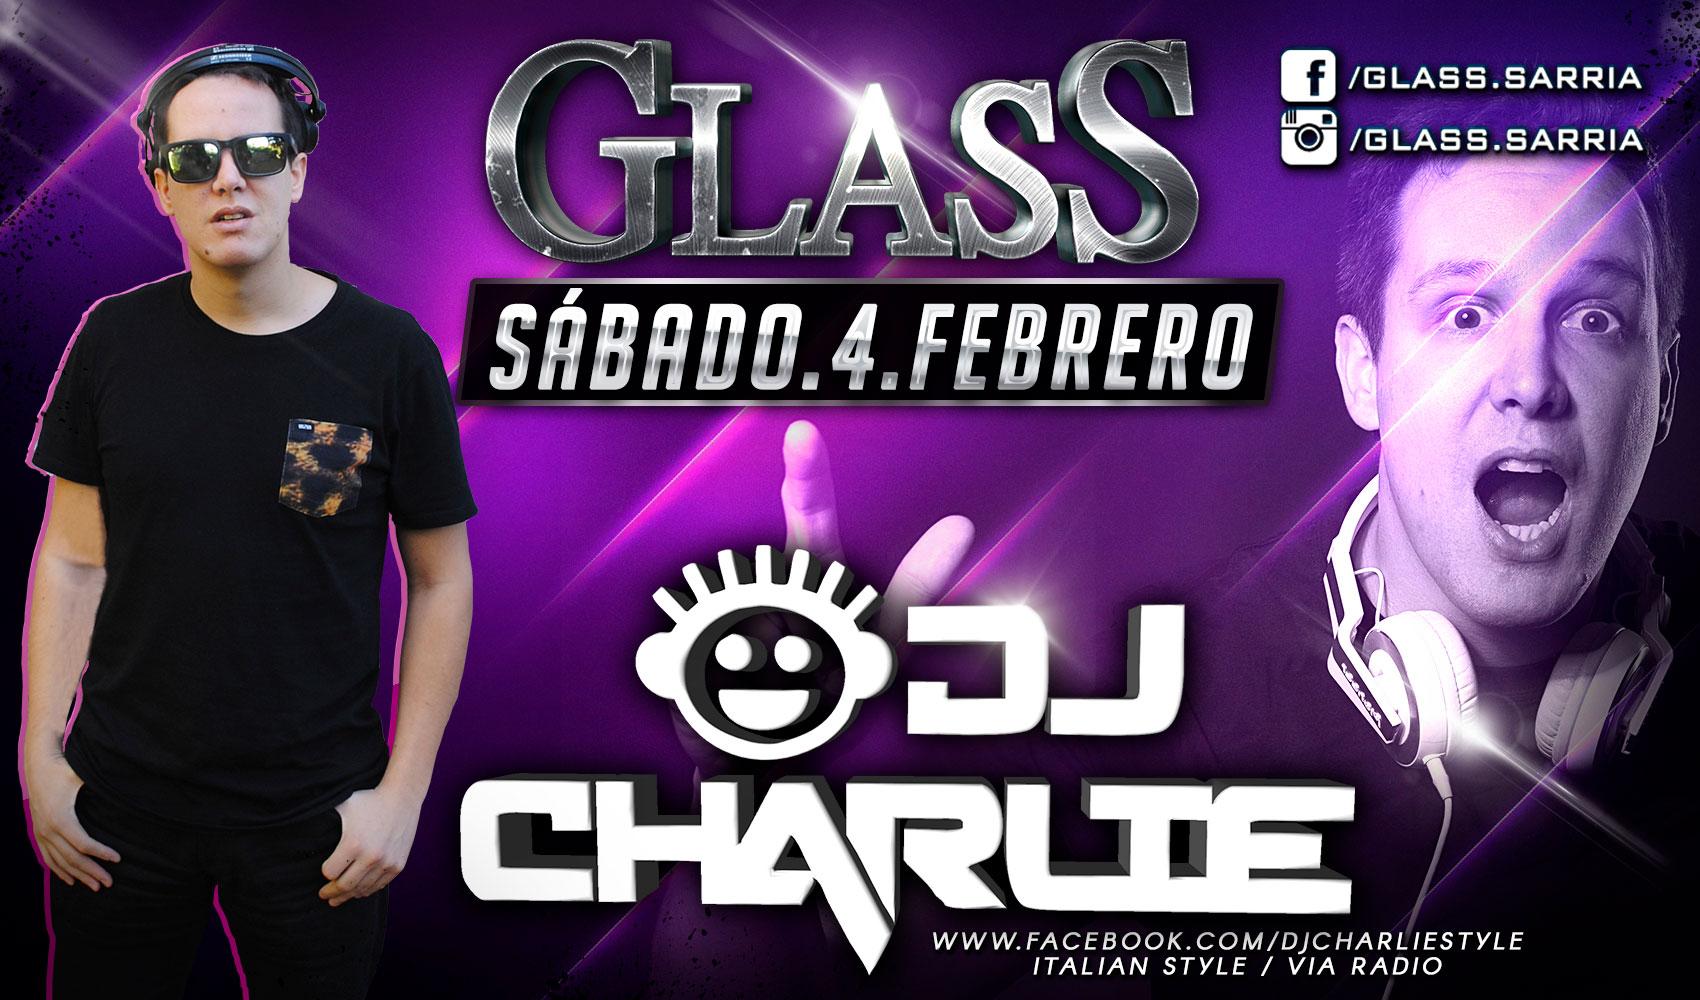 04-02-2017-GlassSMALL